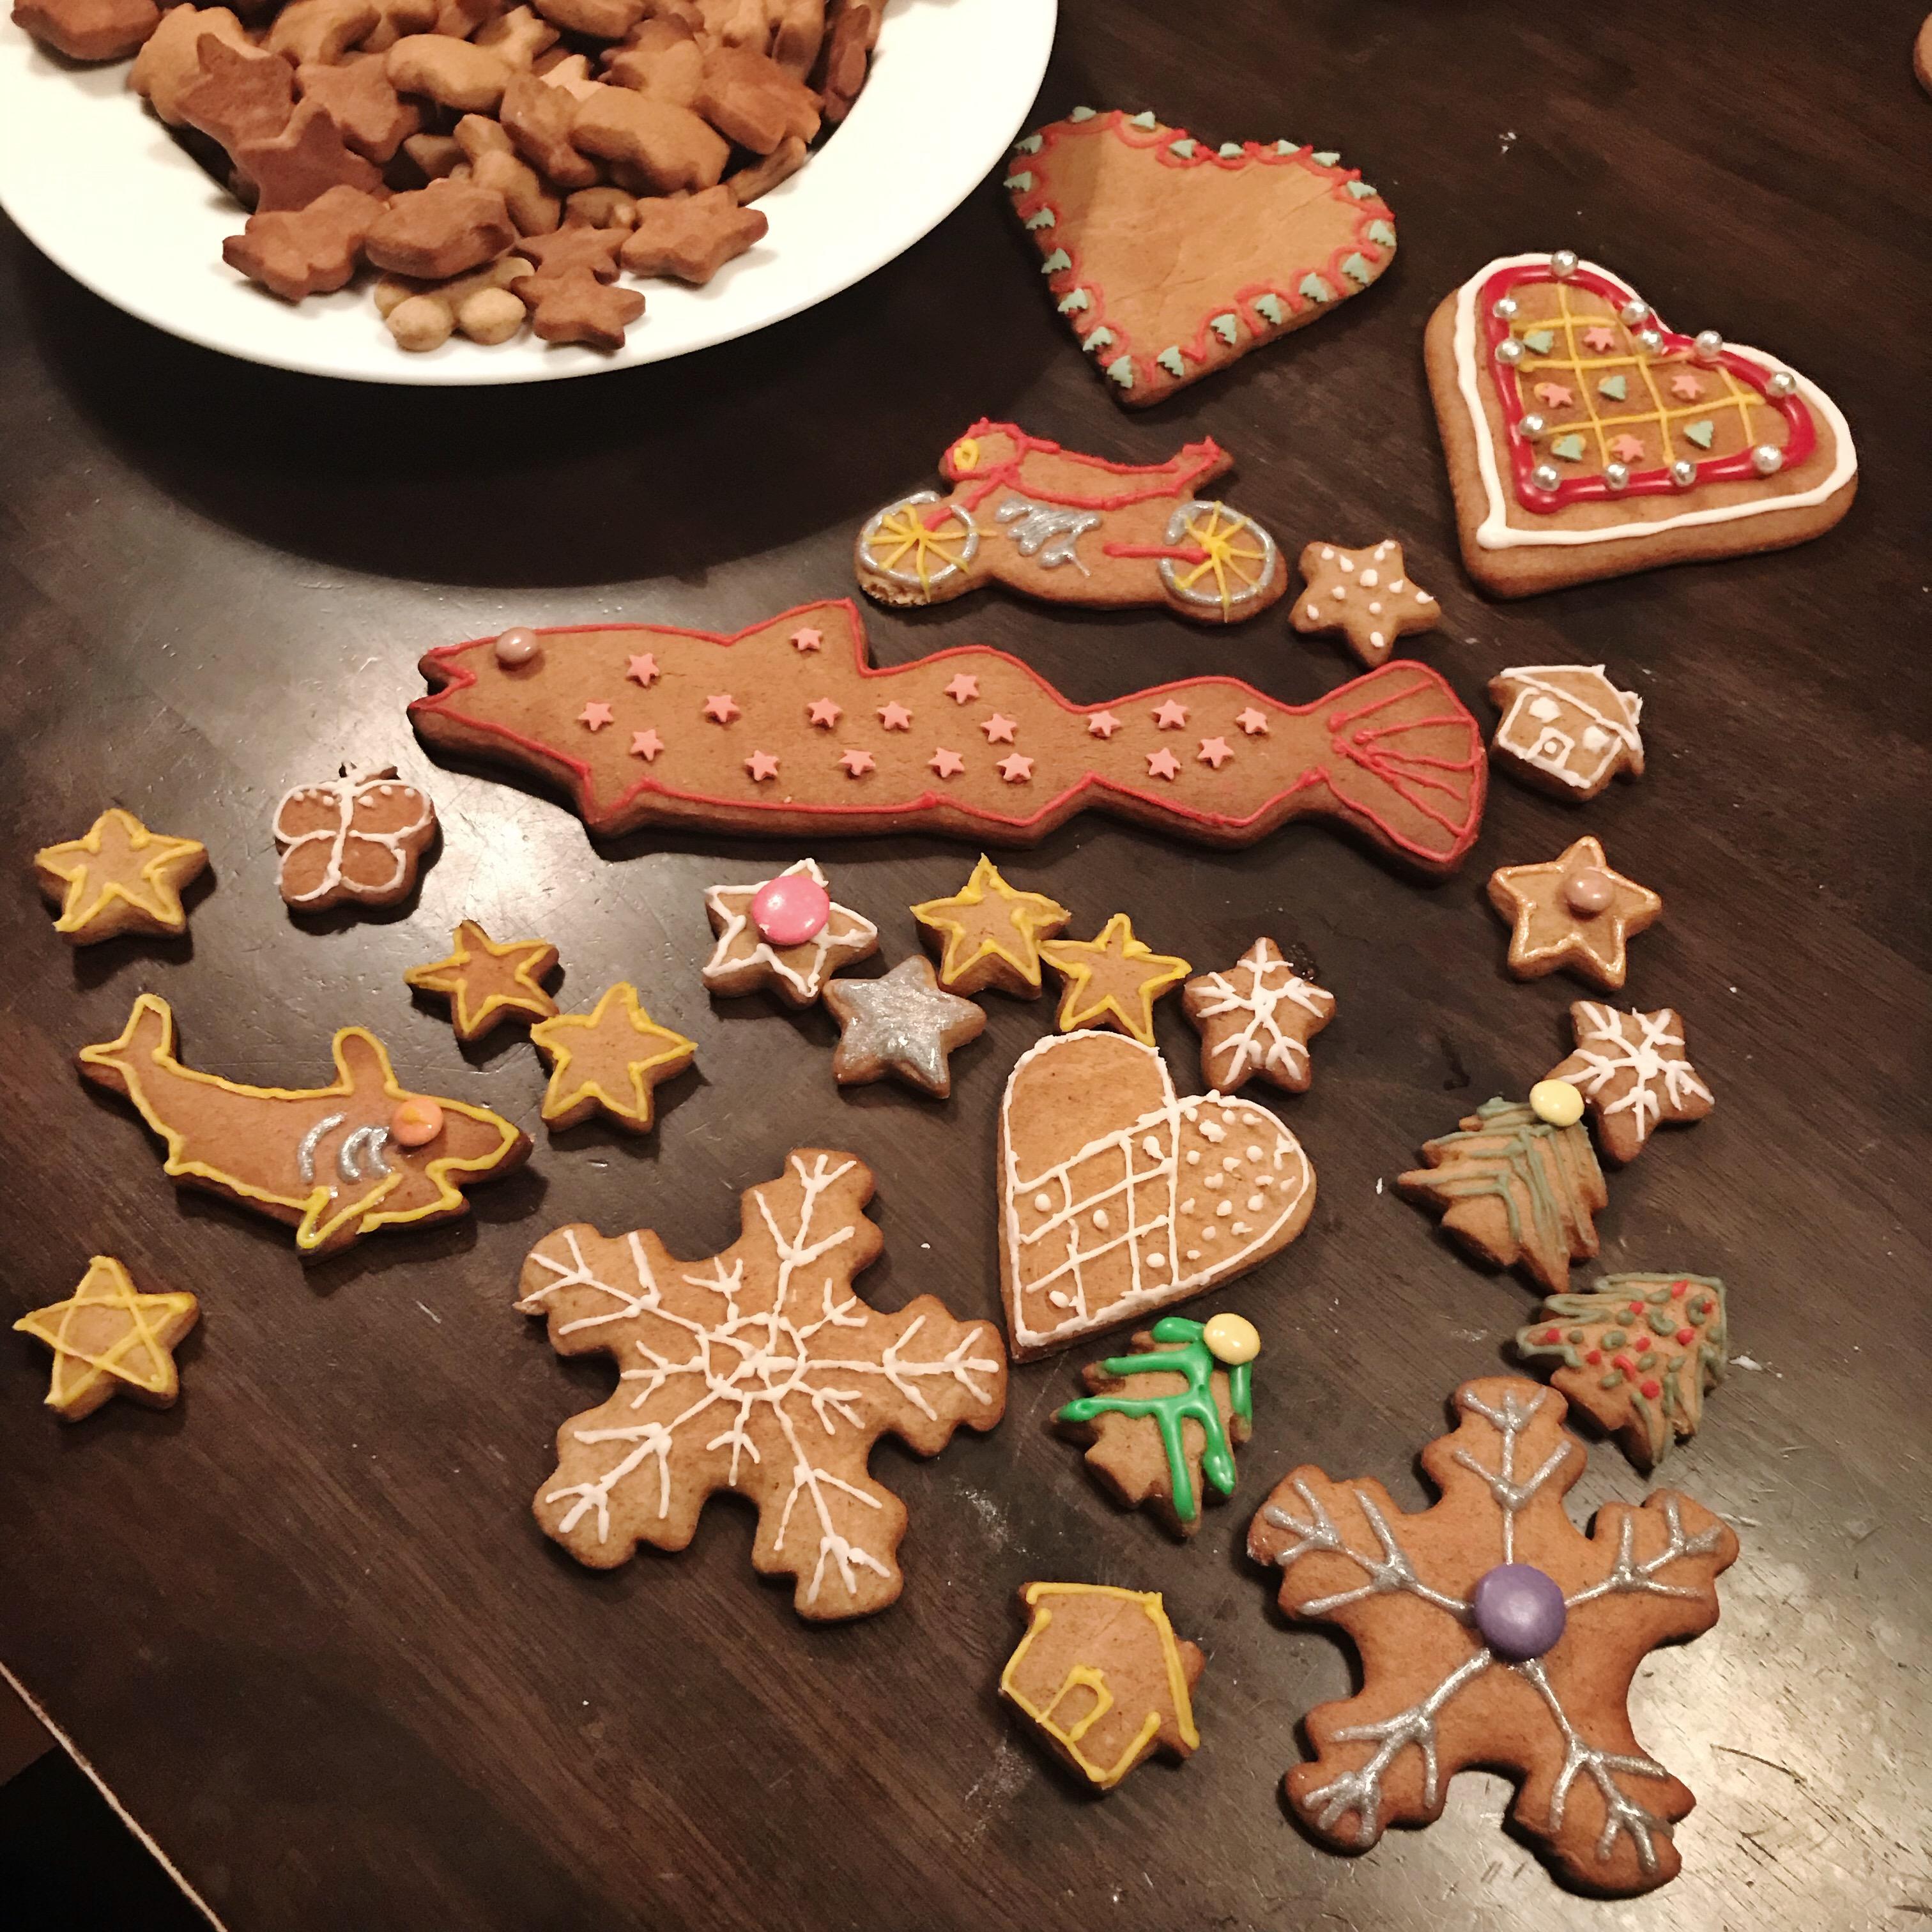 Mange pepperkaker i forskjellige former ligger på et bord. De er pyntet med glasur i flere farger.